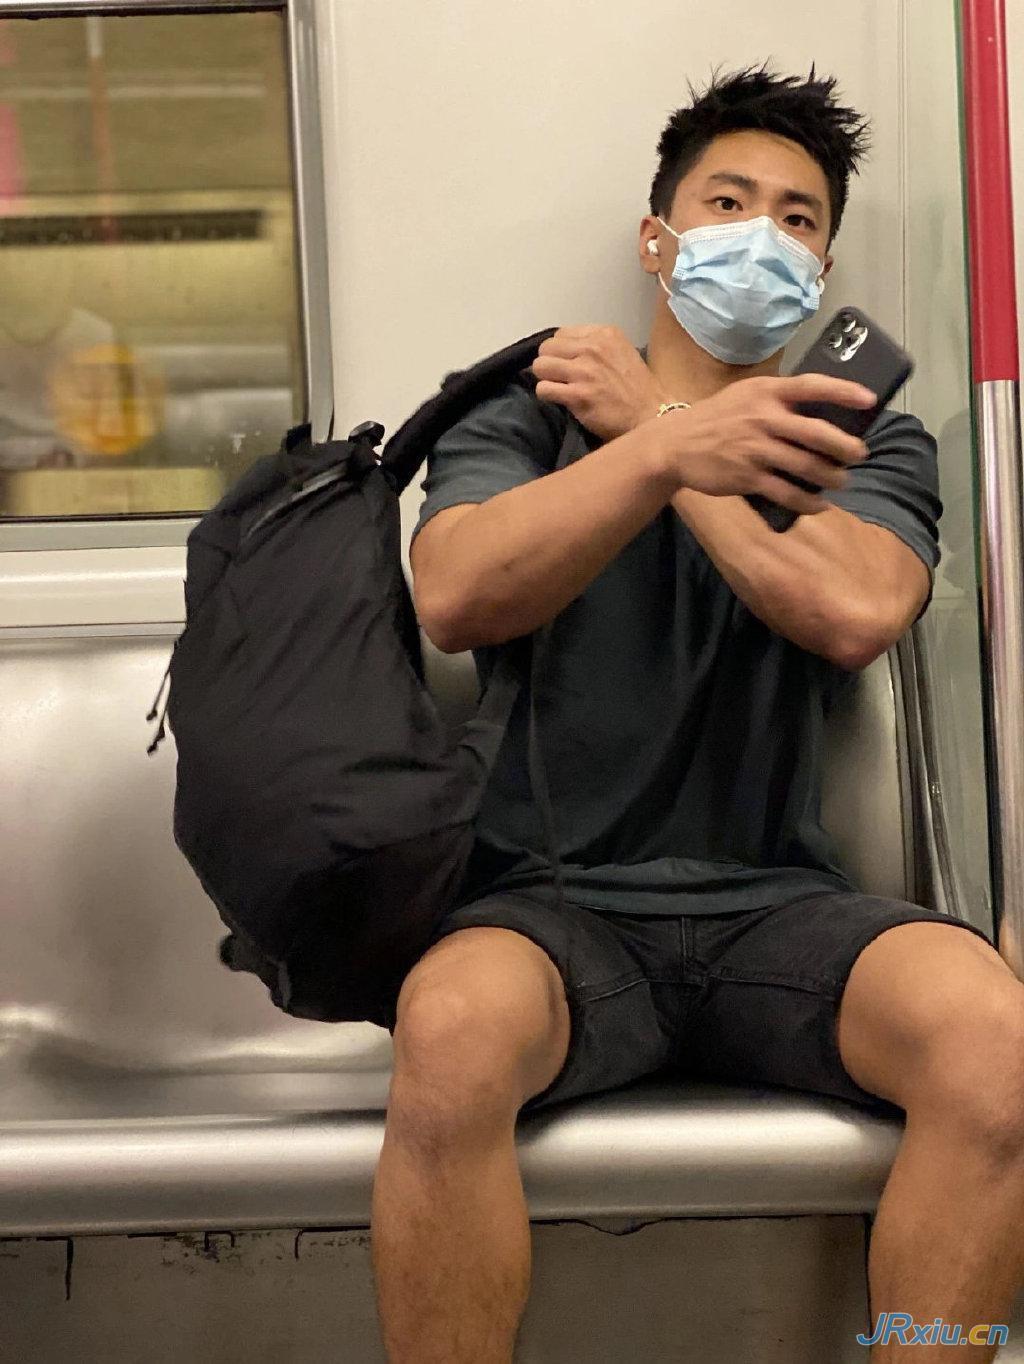 坐地铁被偷拍的香港街头健身肌肉帅哥姜庭峰